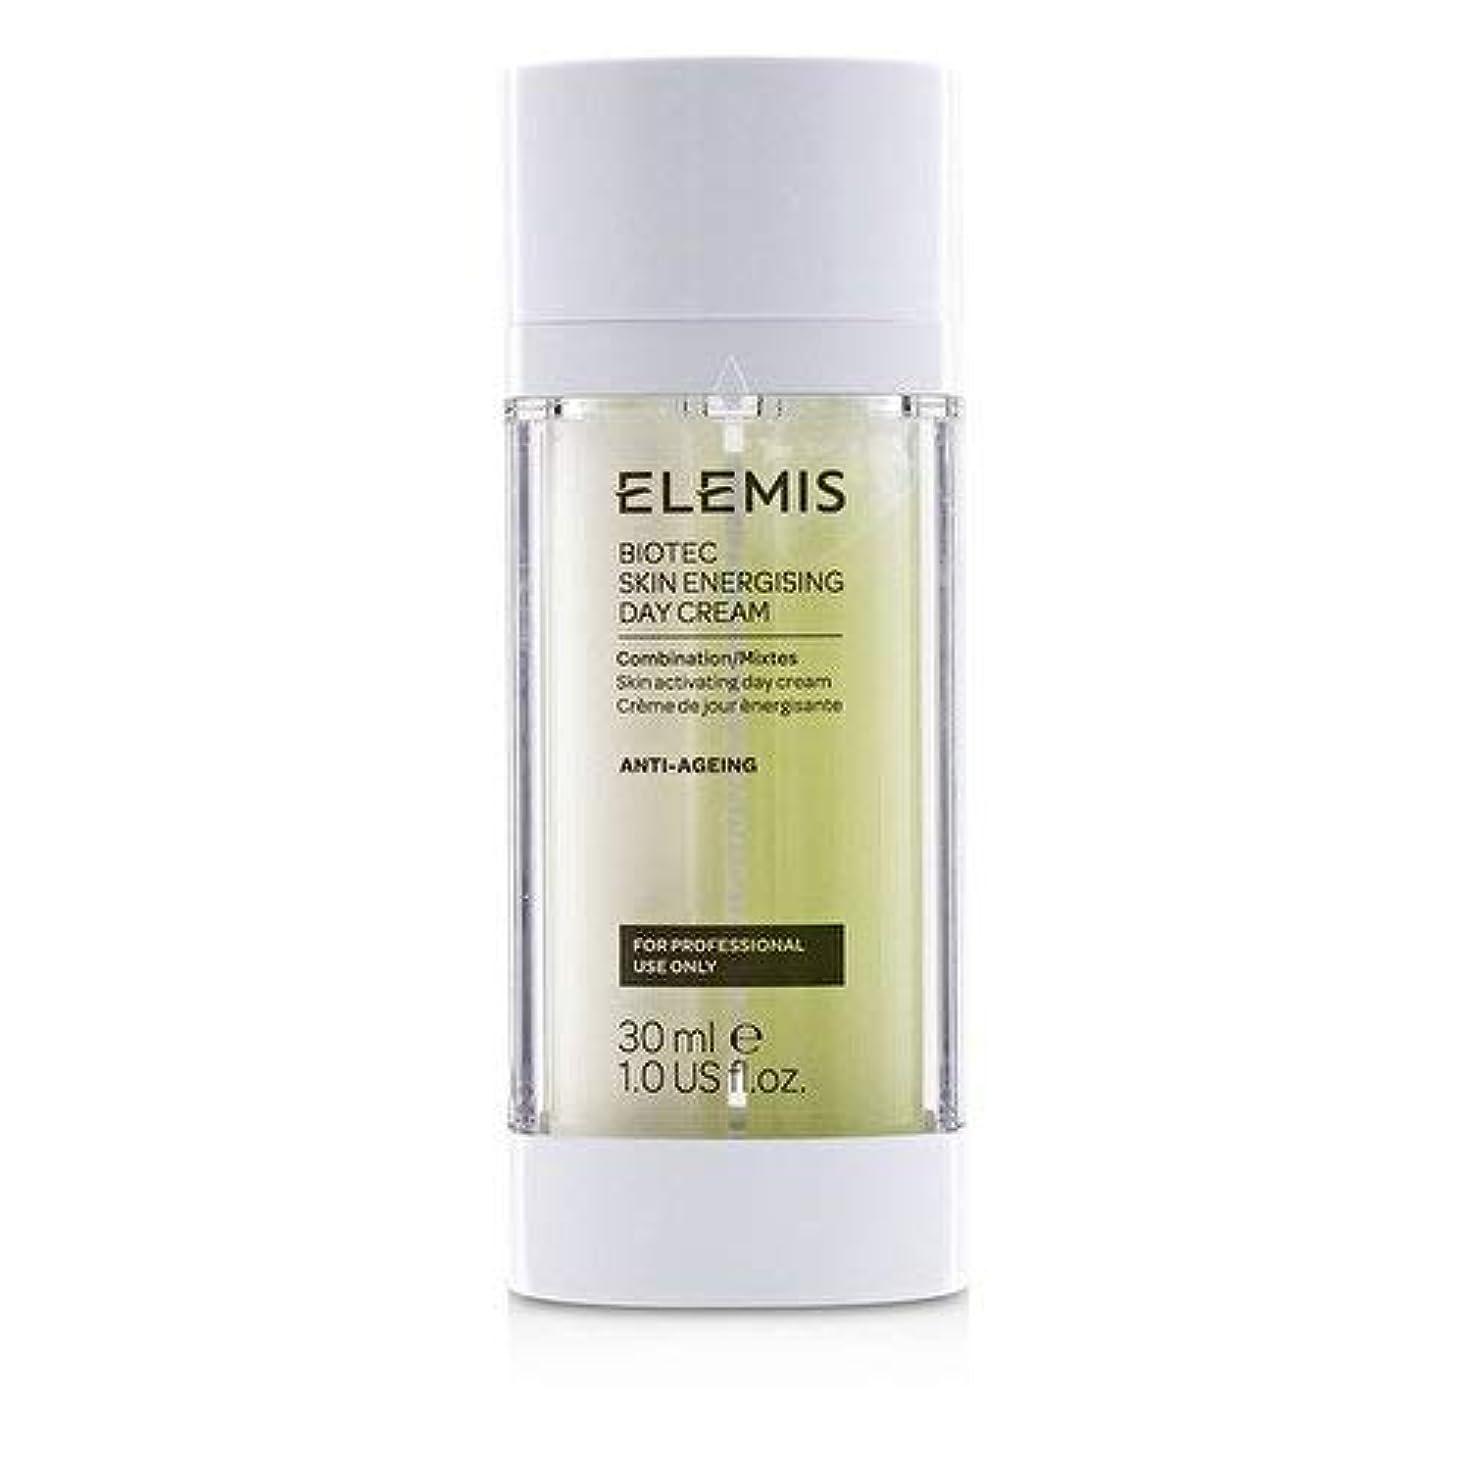 アミューズお金計算可能エレミス BIOTEC Skin Energising Day Cream - Combination (Salon Product) 30ml/1oz並行輸入品